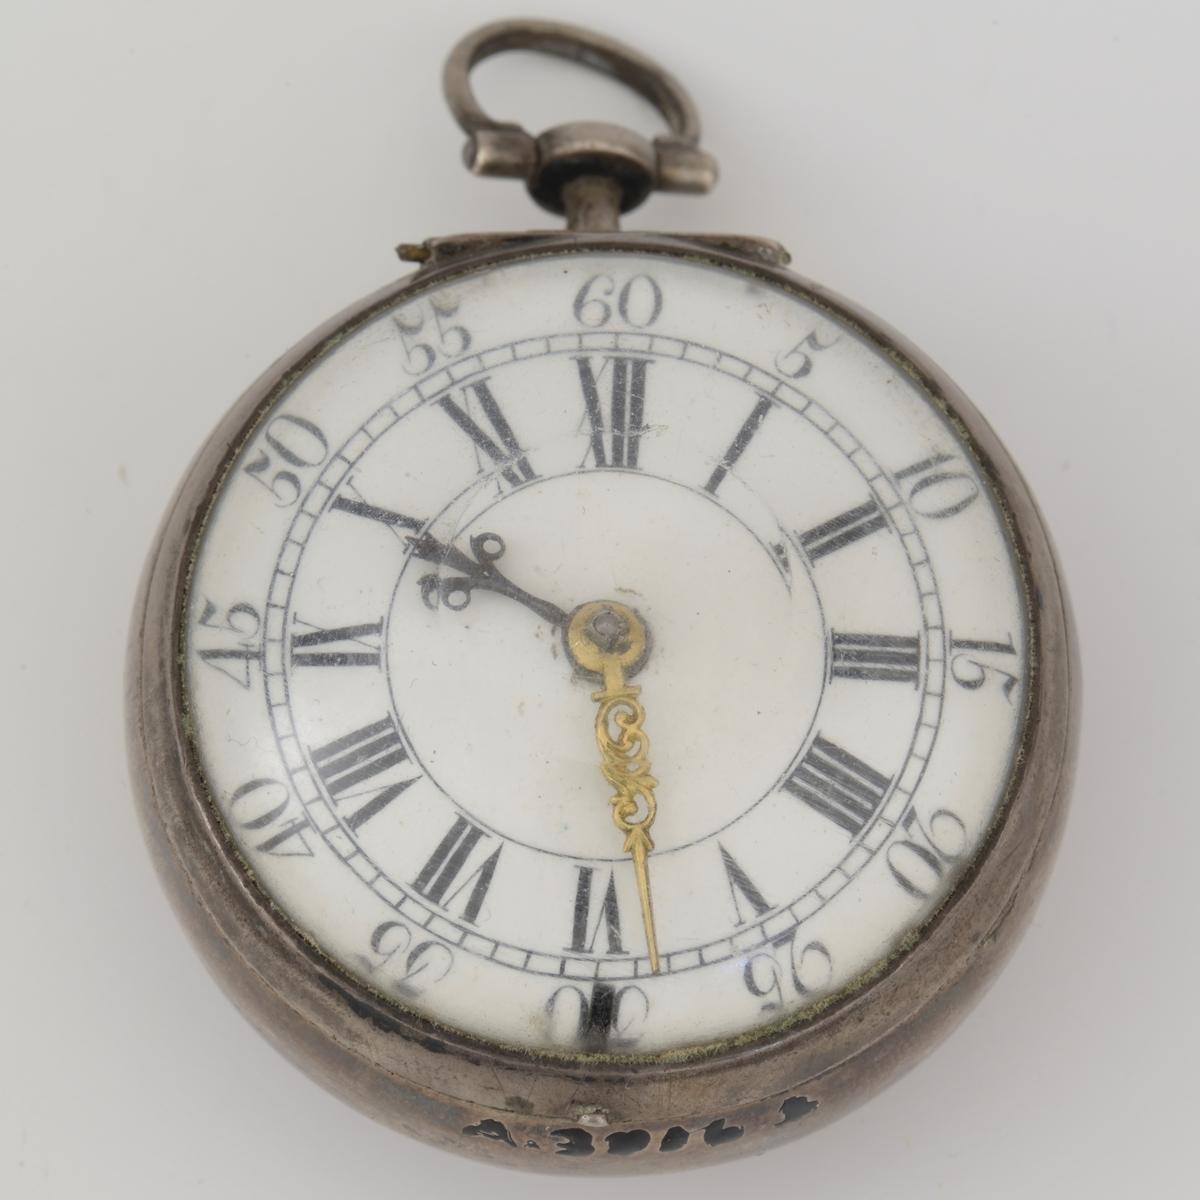 Uret har tallskive med romertall og vanlige tall utenfor for minutter, ingen sekund- viser.